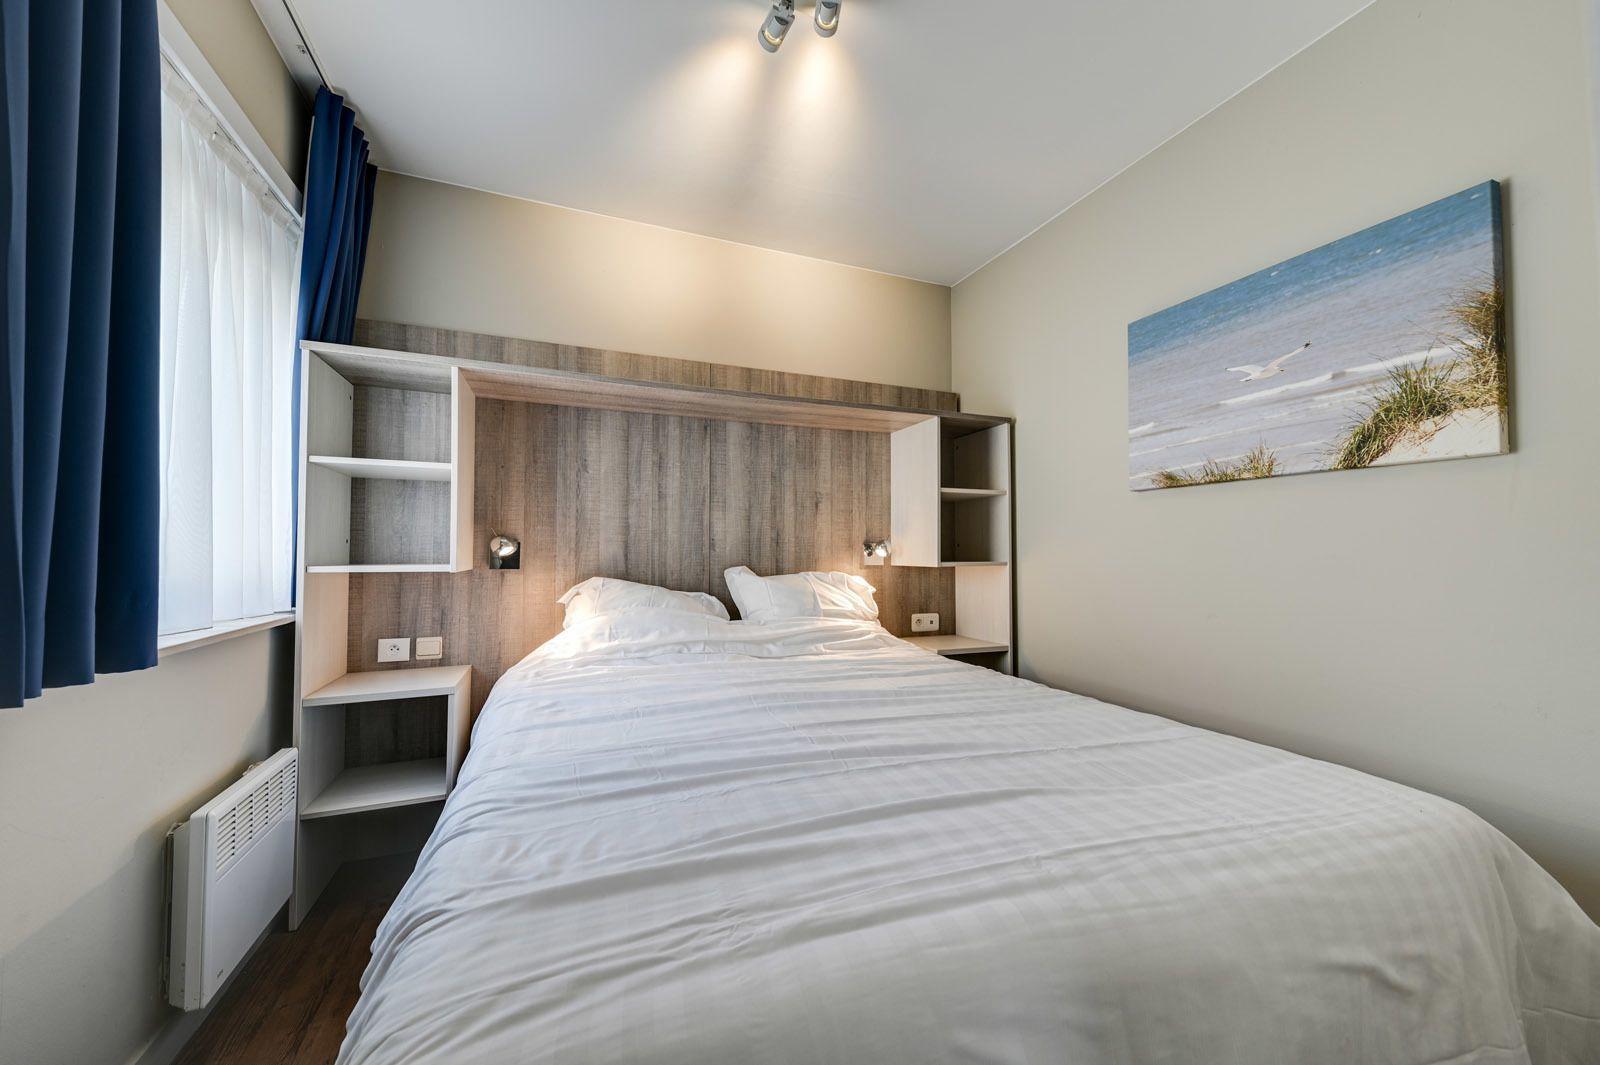 Holiday Suite pour 2 personnes avec une chambre